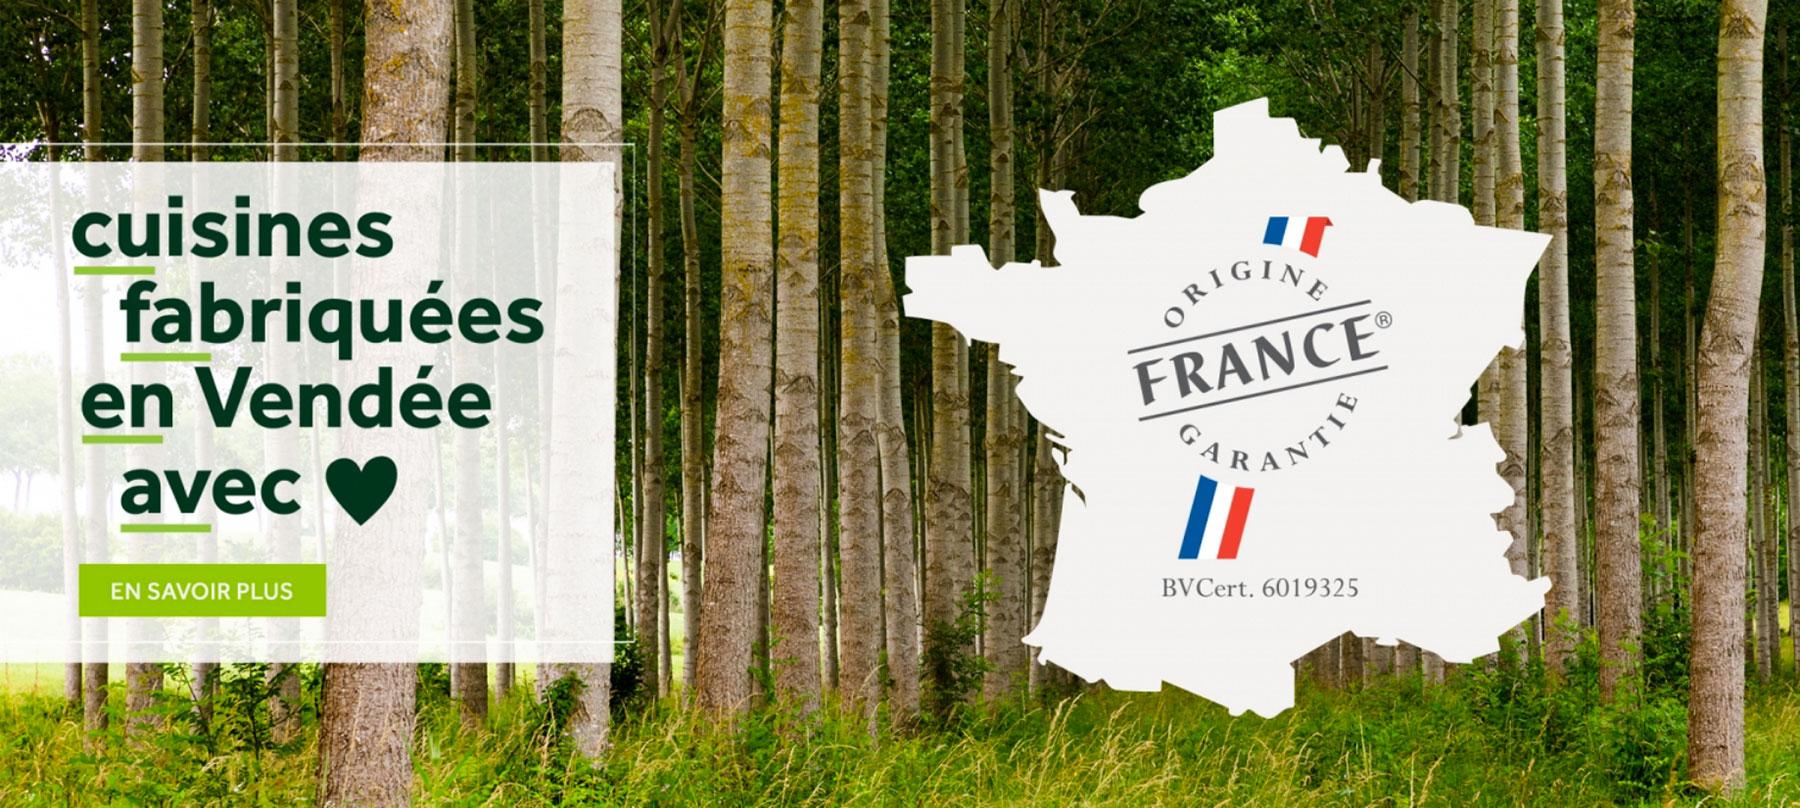 COMERA CUISINES |  origine France garantie cuisines fabriquées en Vendée avec coeur